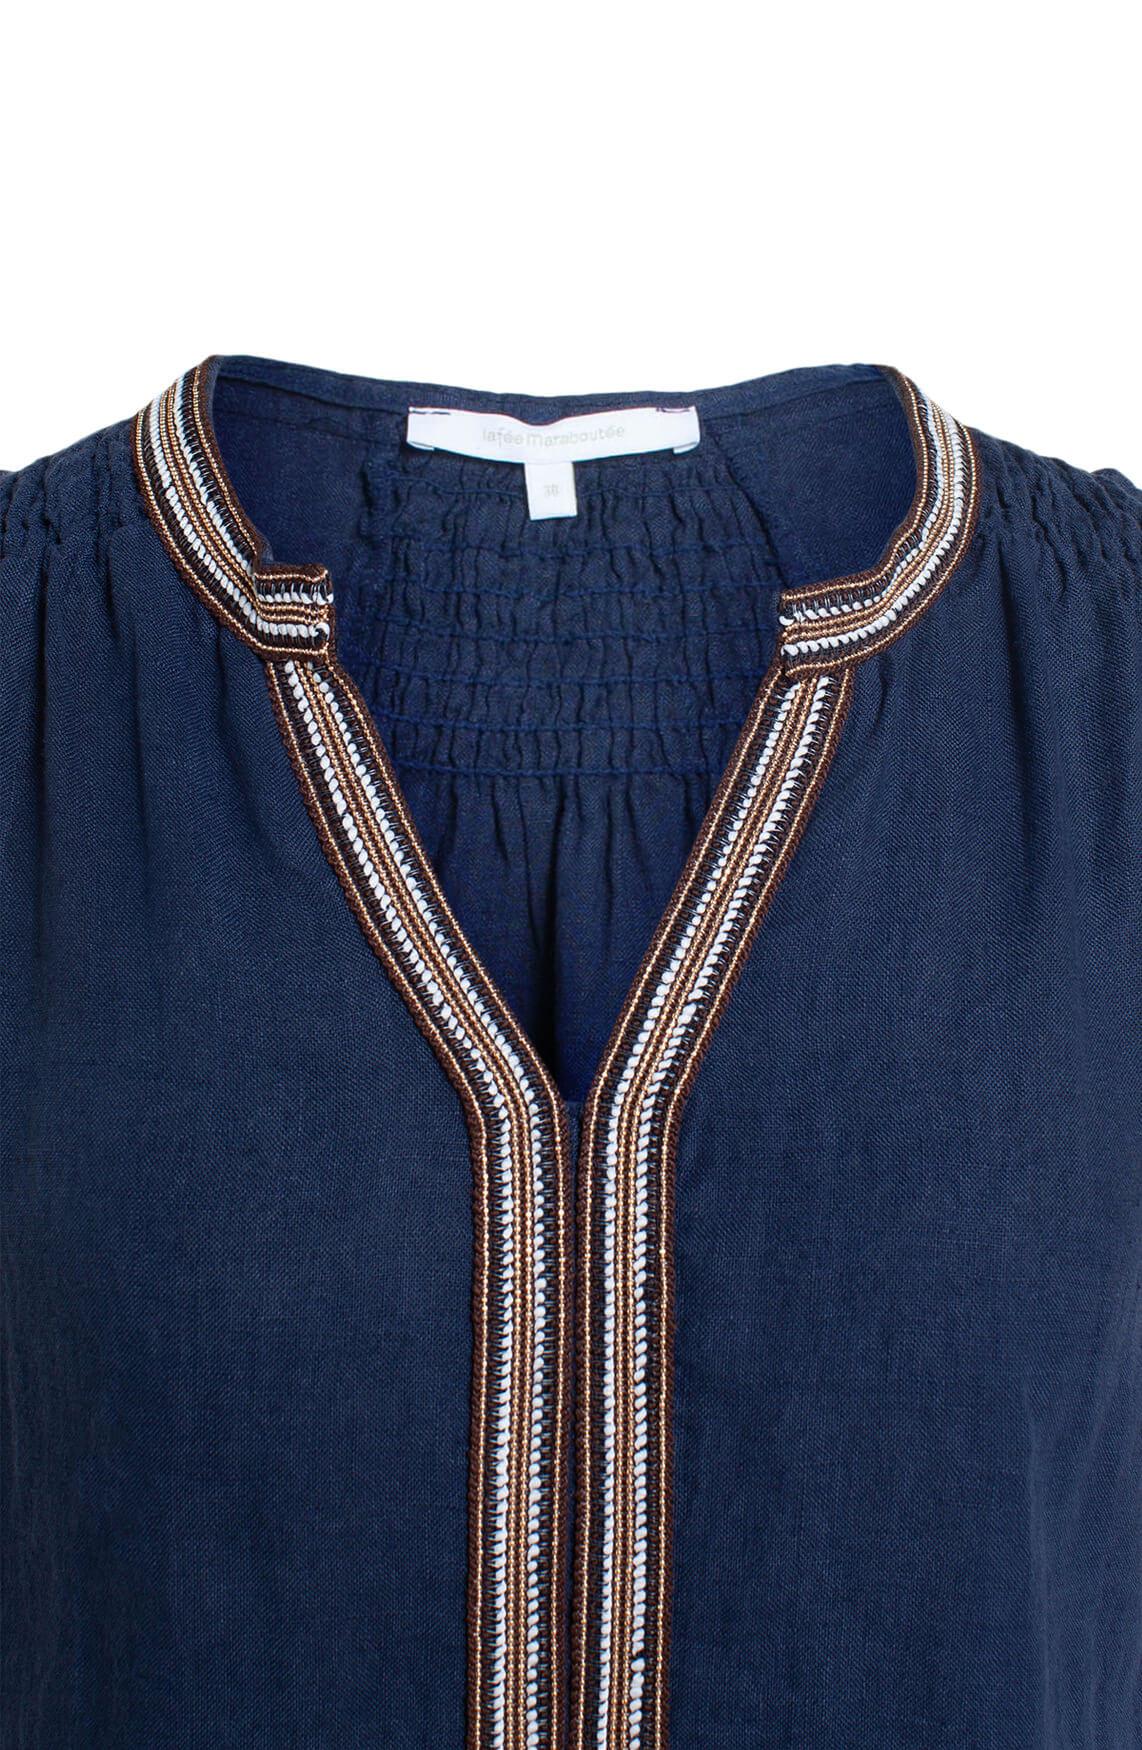 La Fée Maraboutée Dames Linnen blouse Blauw